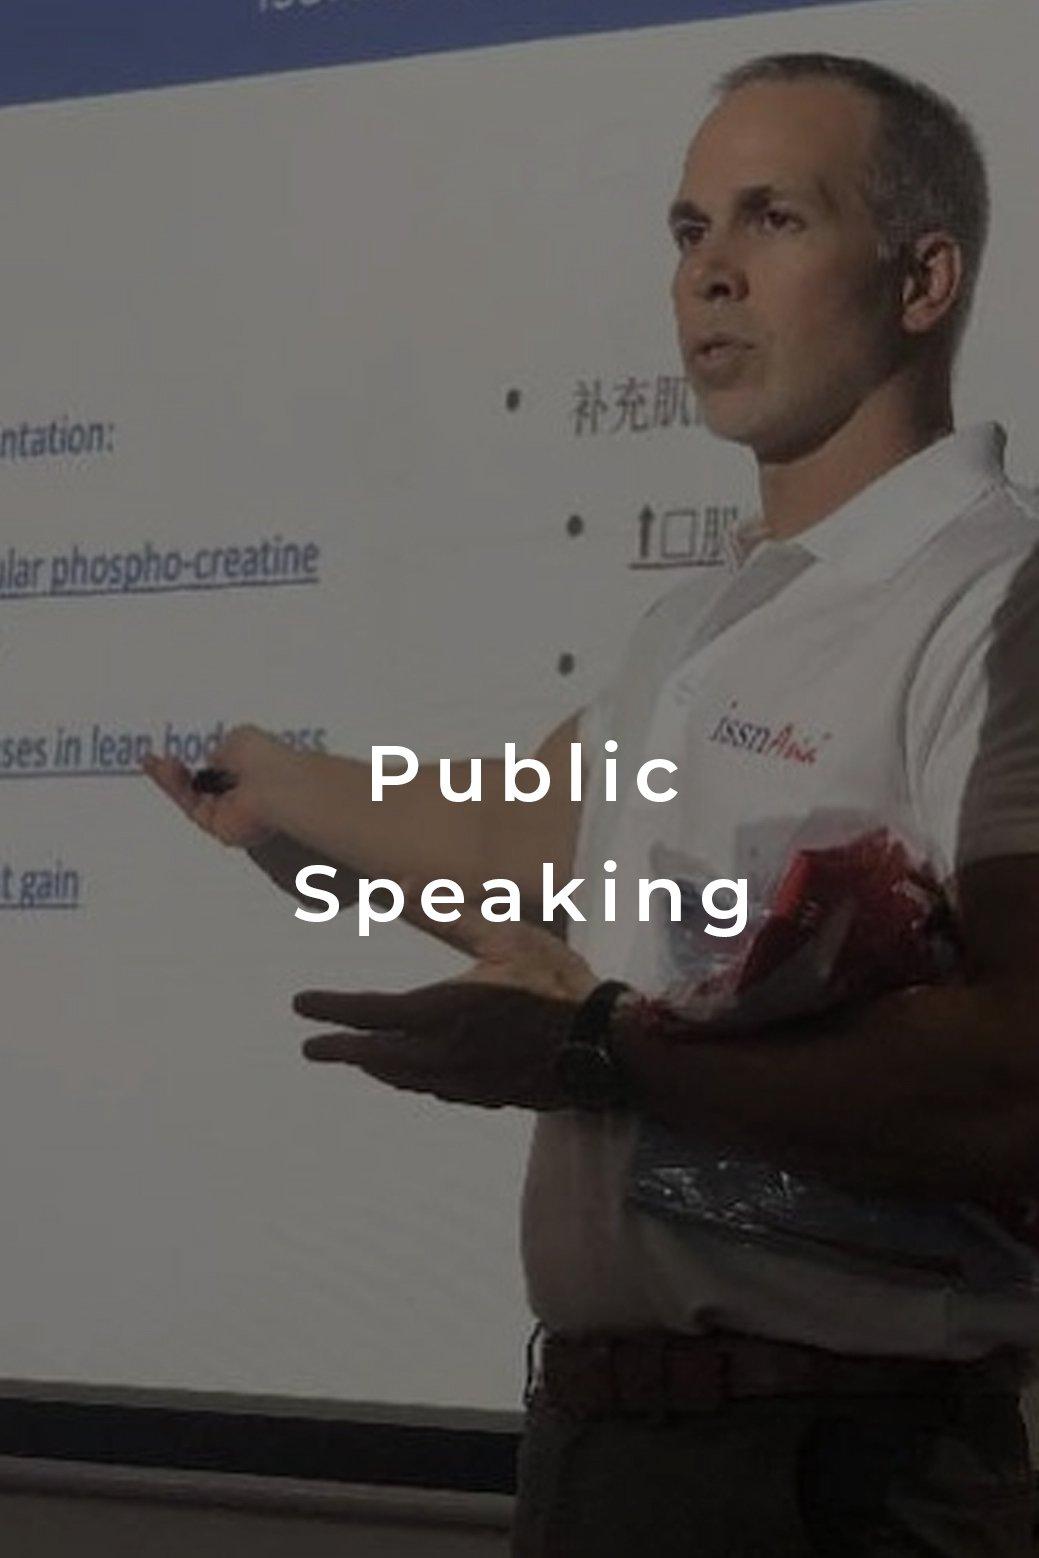 Speaking 1